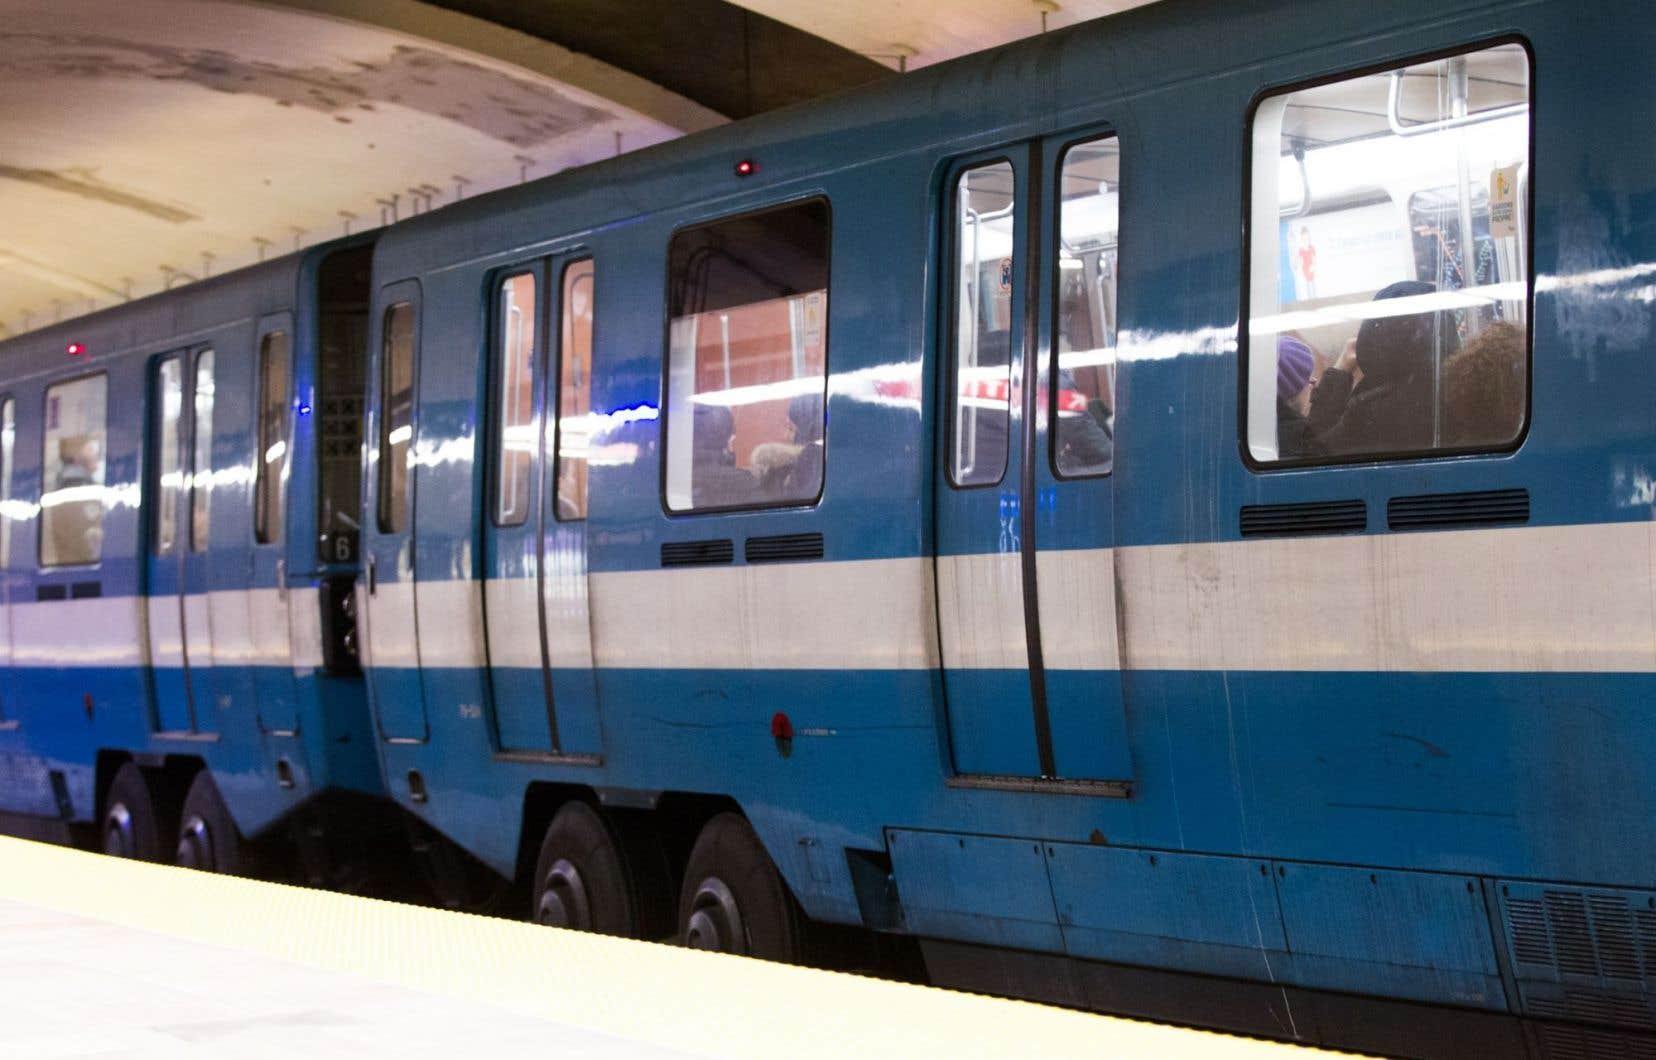 Le gouvernement du Québec souhaite notamment avoir suffisamment d'argent pour prolonger la ligne bleue du métro de Montréal.